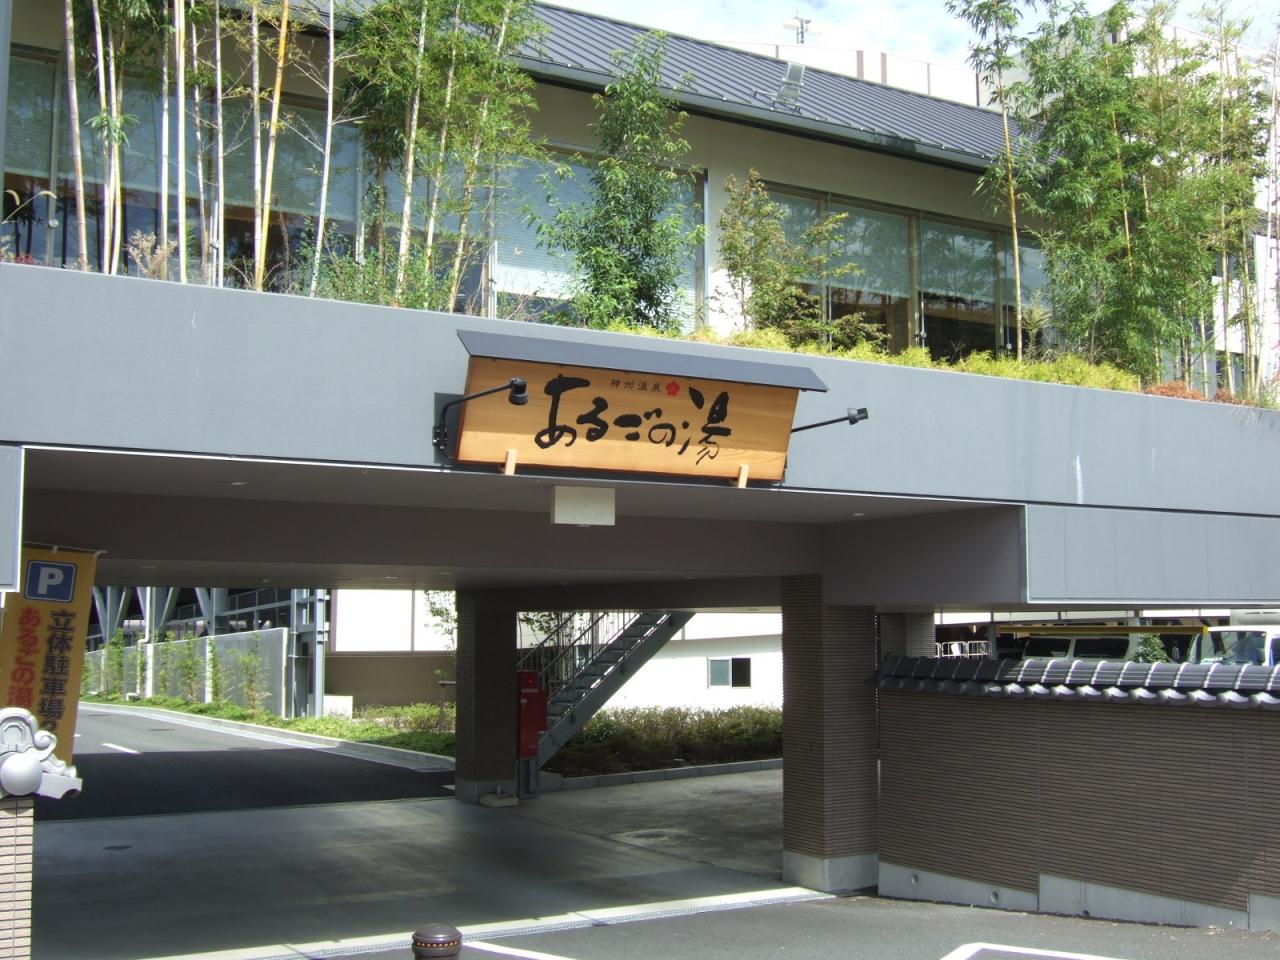 アクセス|あるごの湯|温泉・露天風呂と本格チムジルバン(大阪・三国)